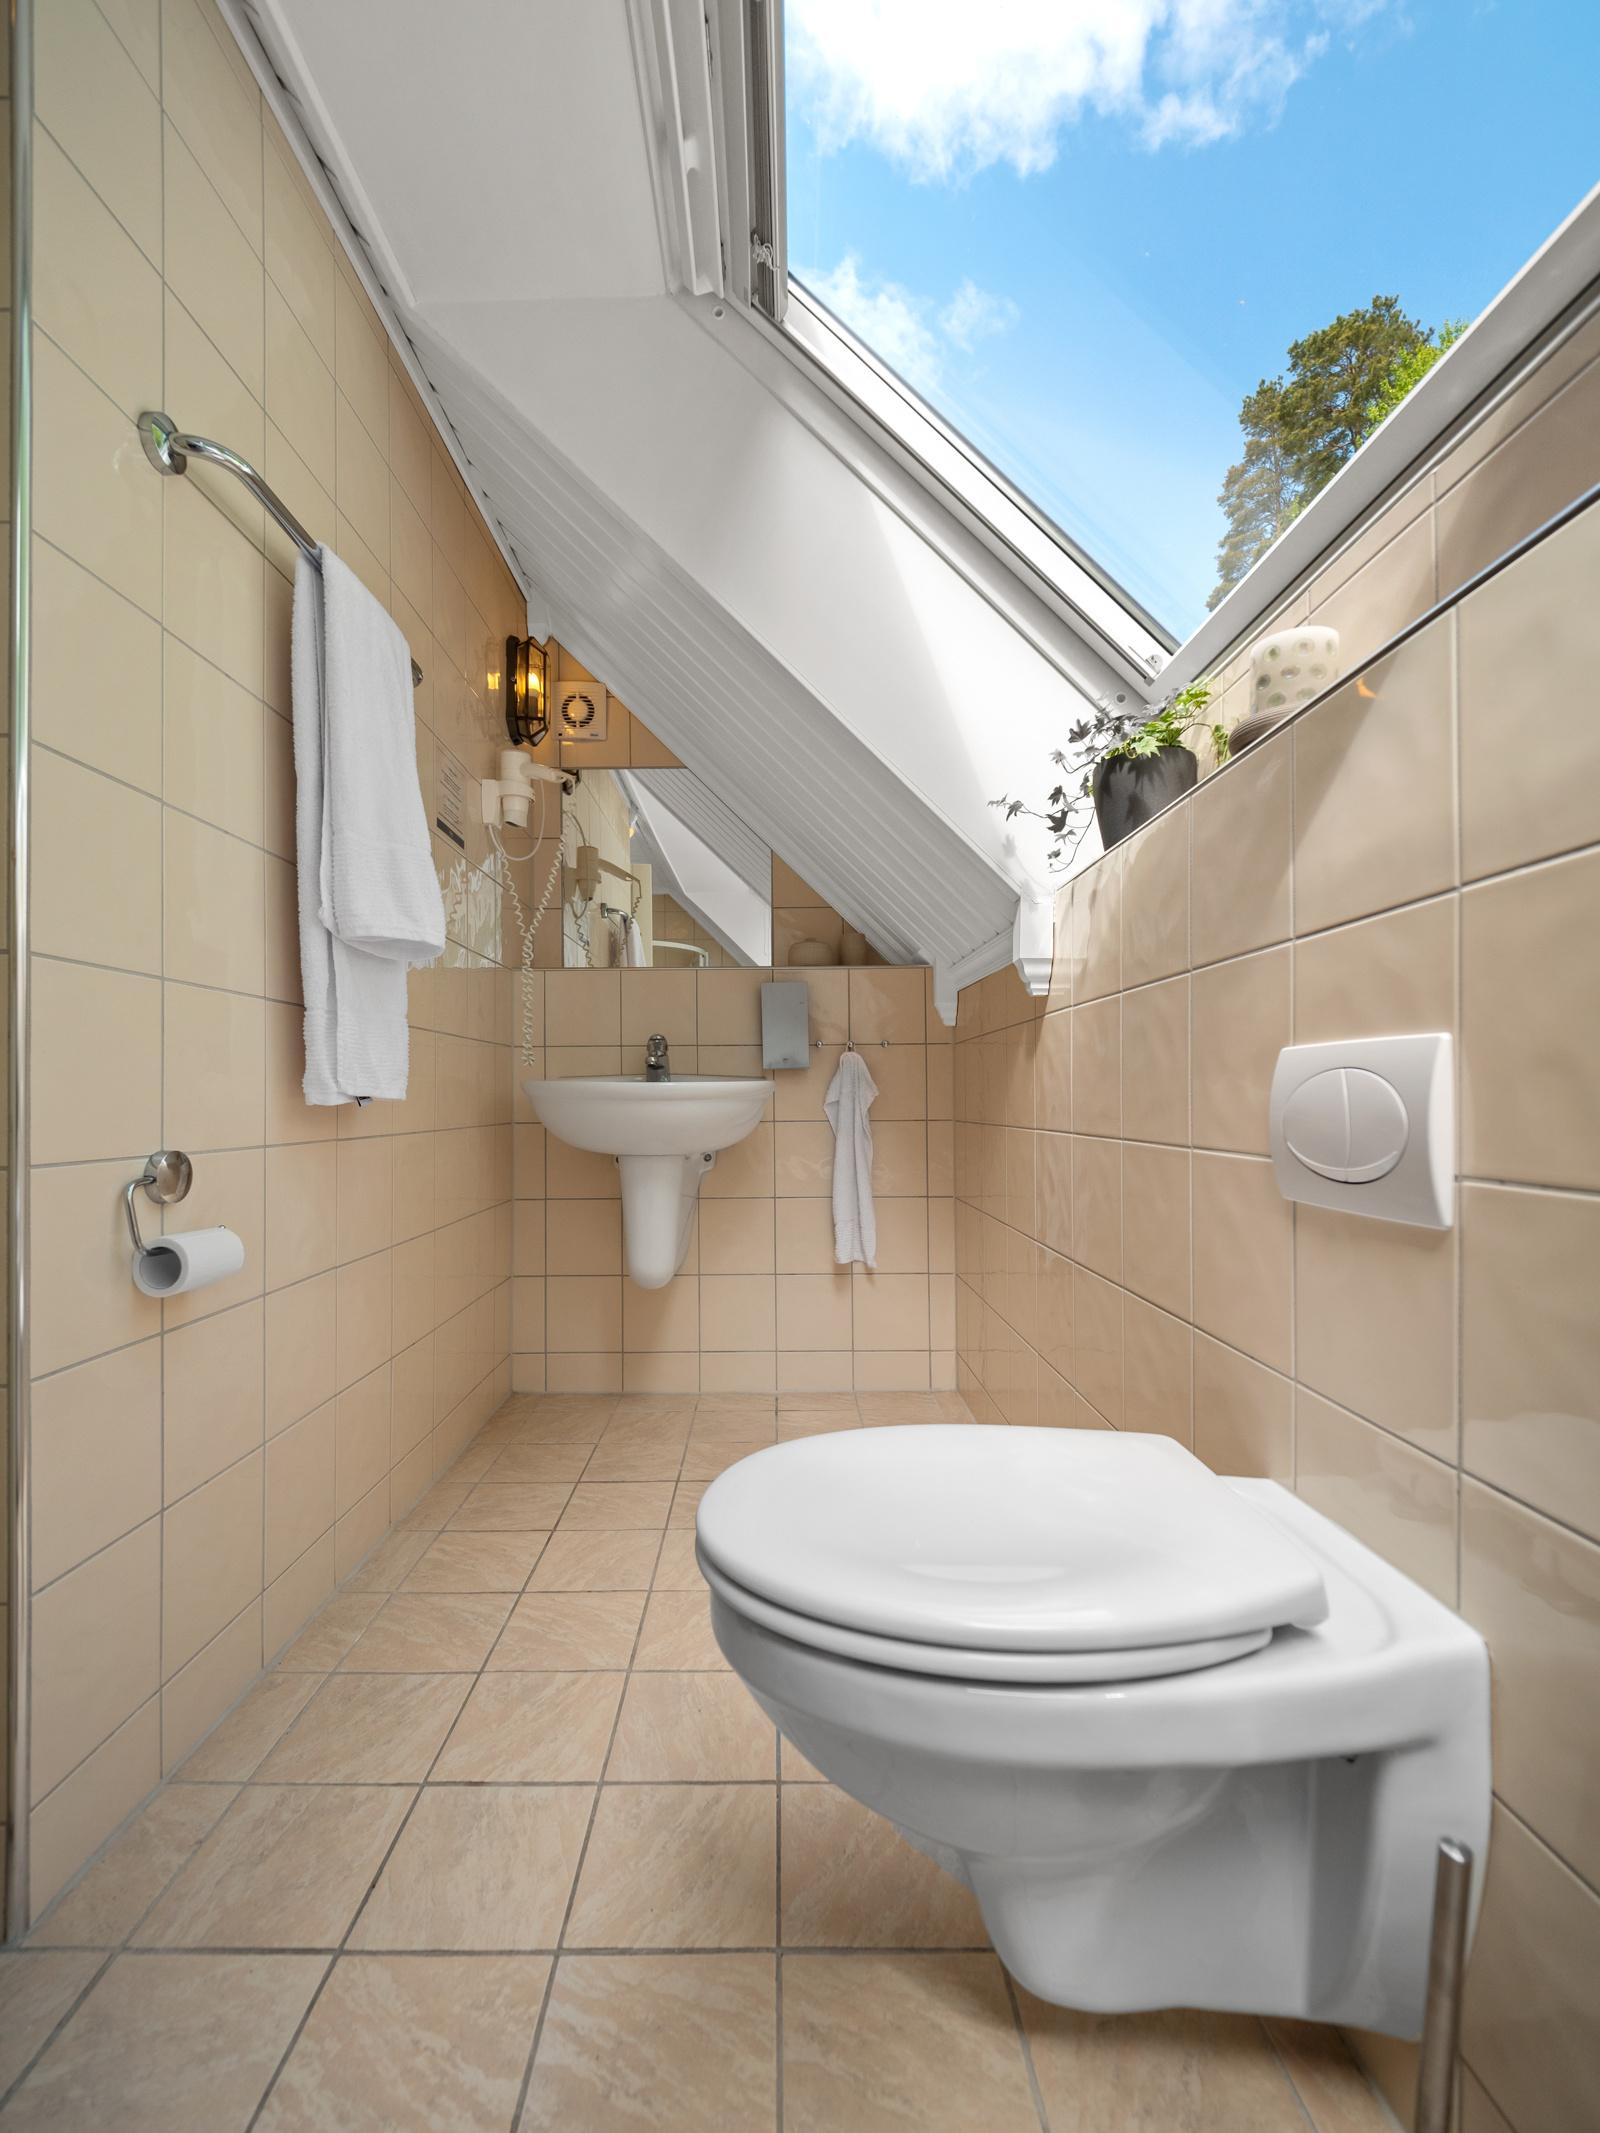 Bad i 2. etasje har skråtak, takvindu og gode lysforhold